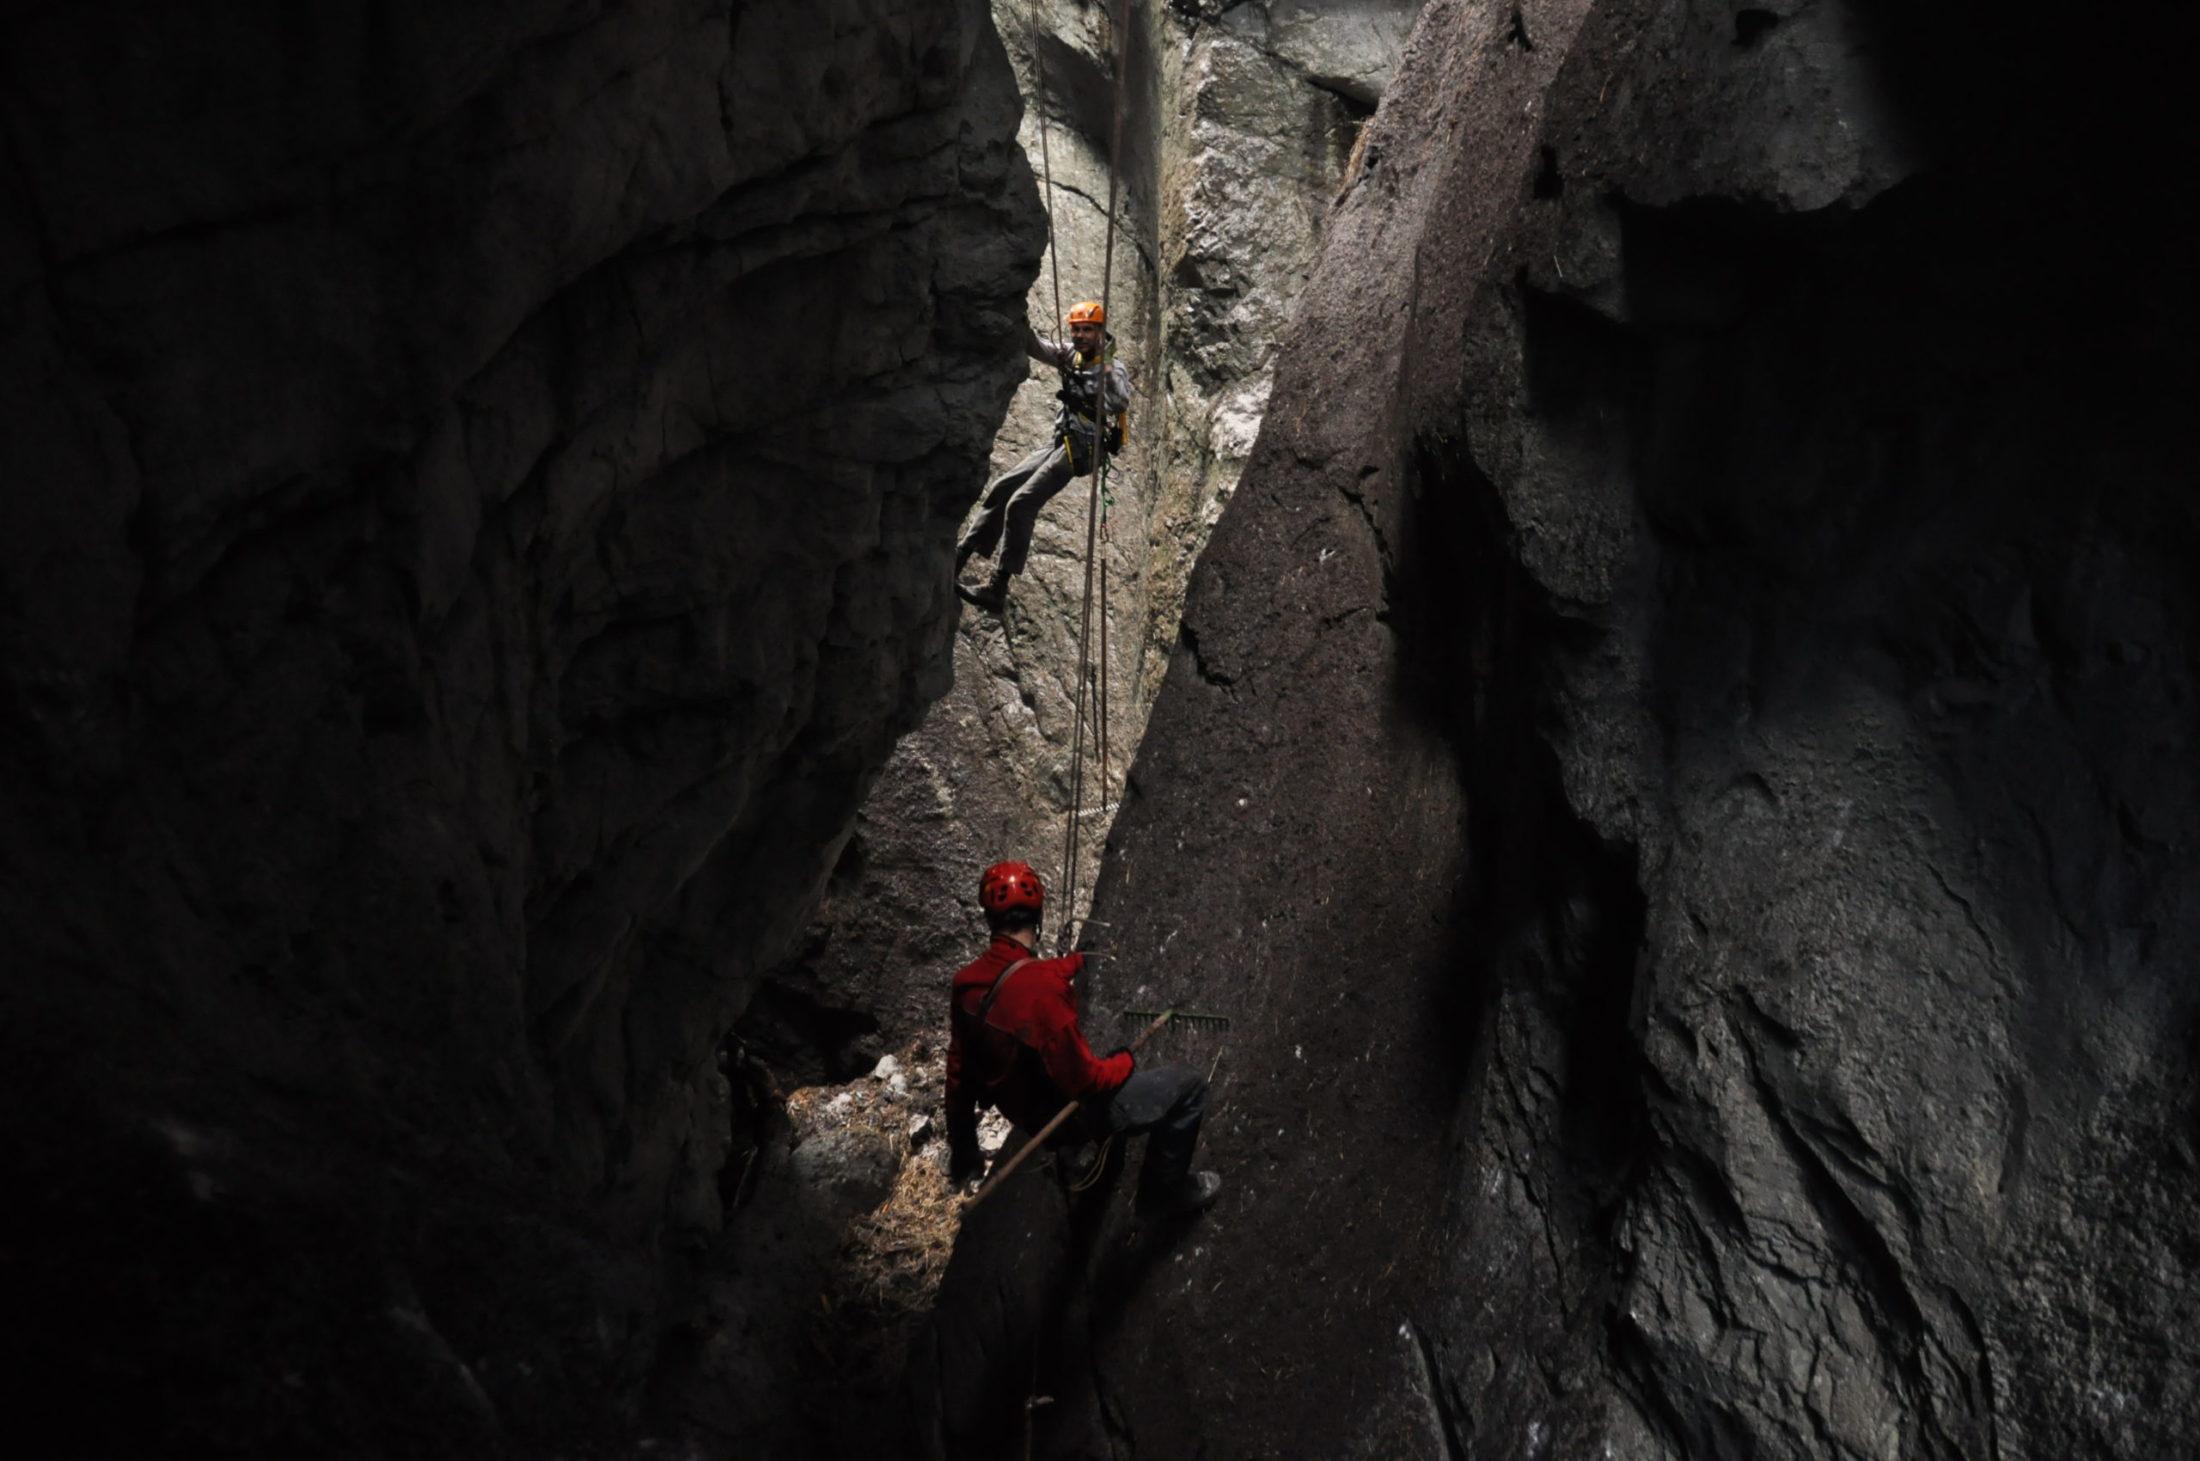 Felsräumarbeiten am Seil in einer Klamm